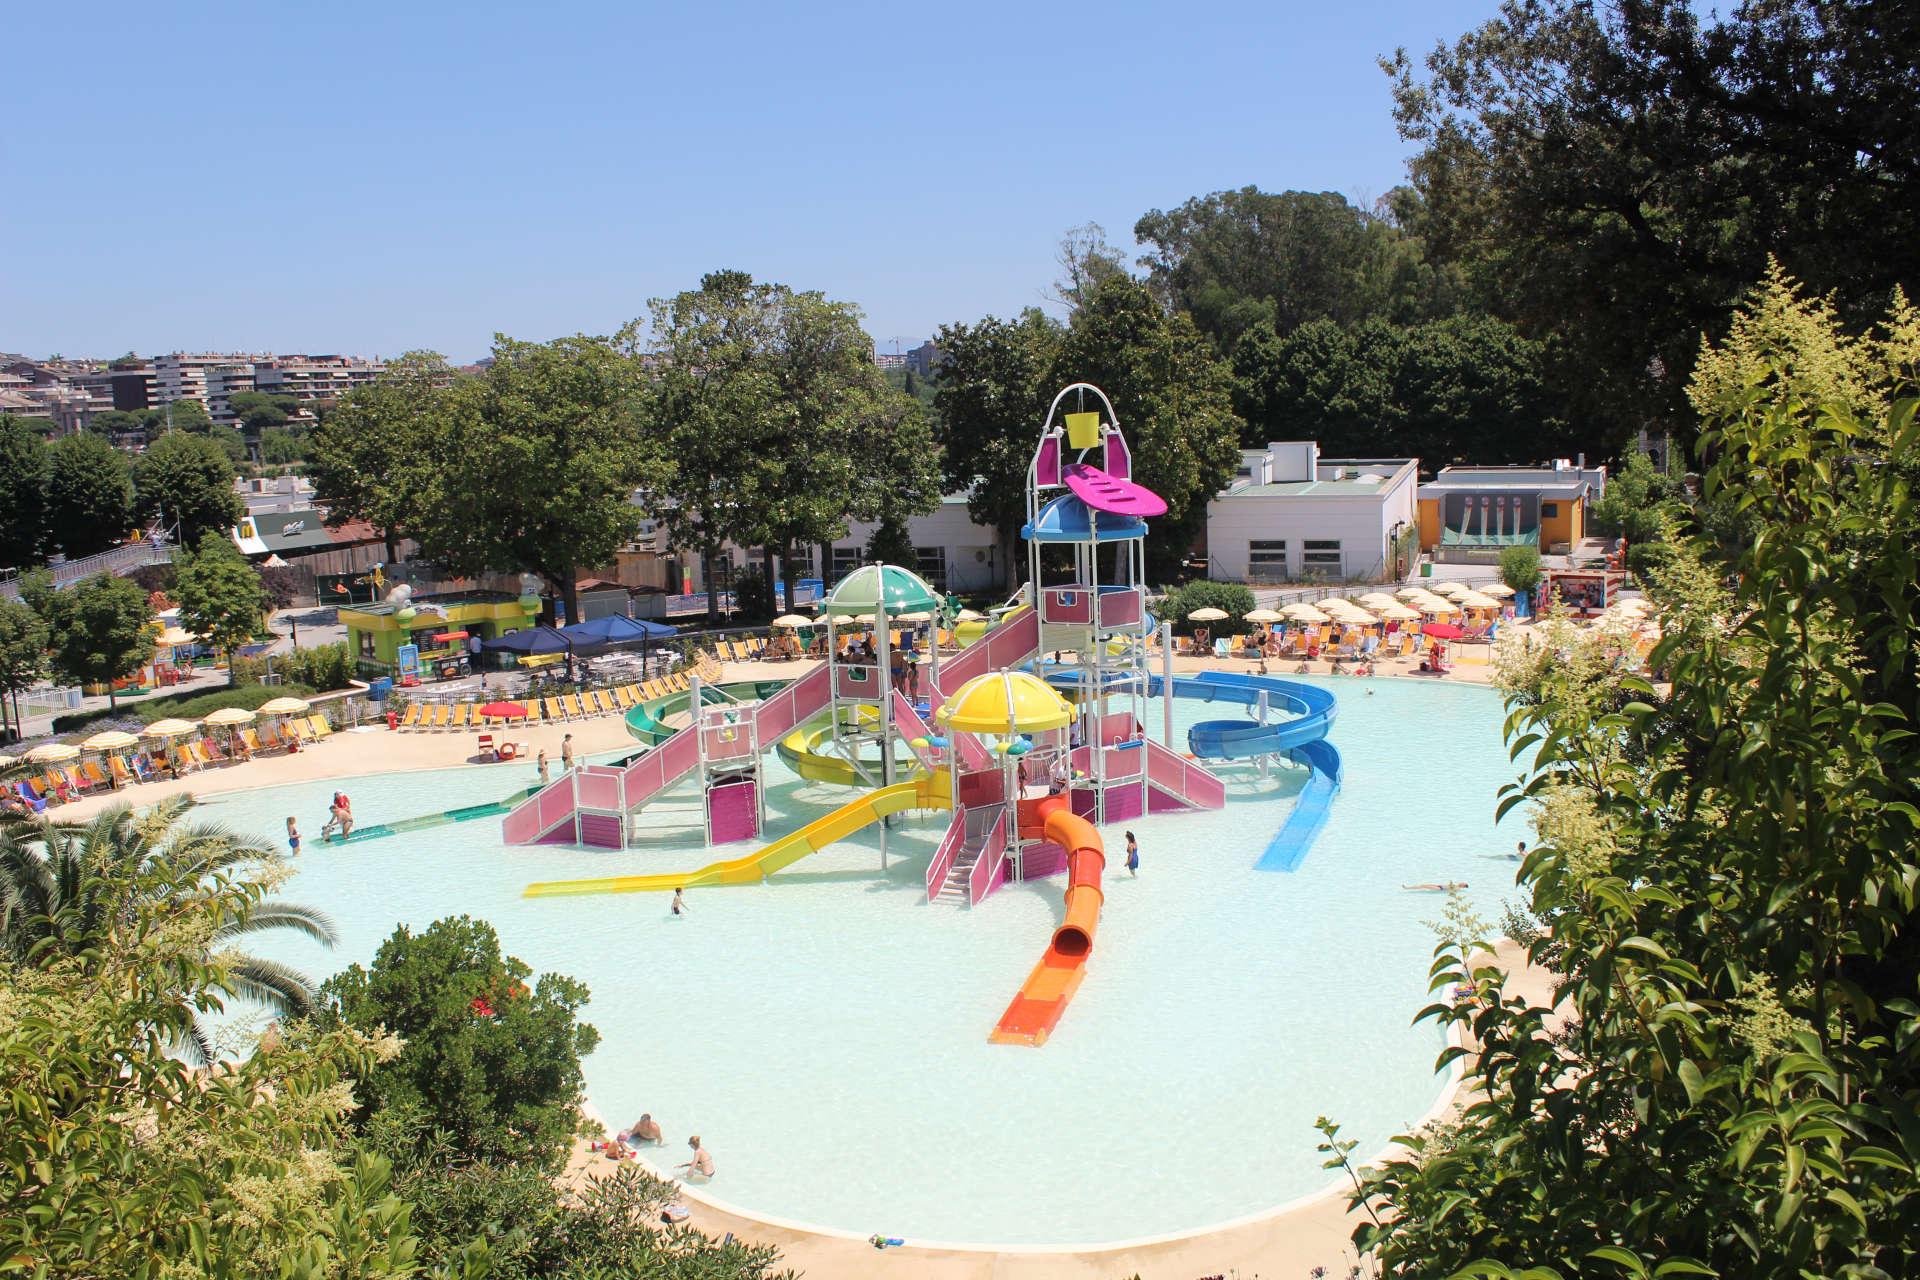 Splash Area Luneur Park